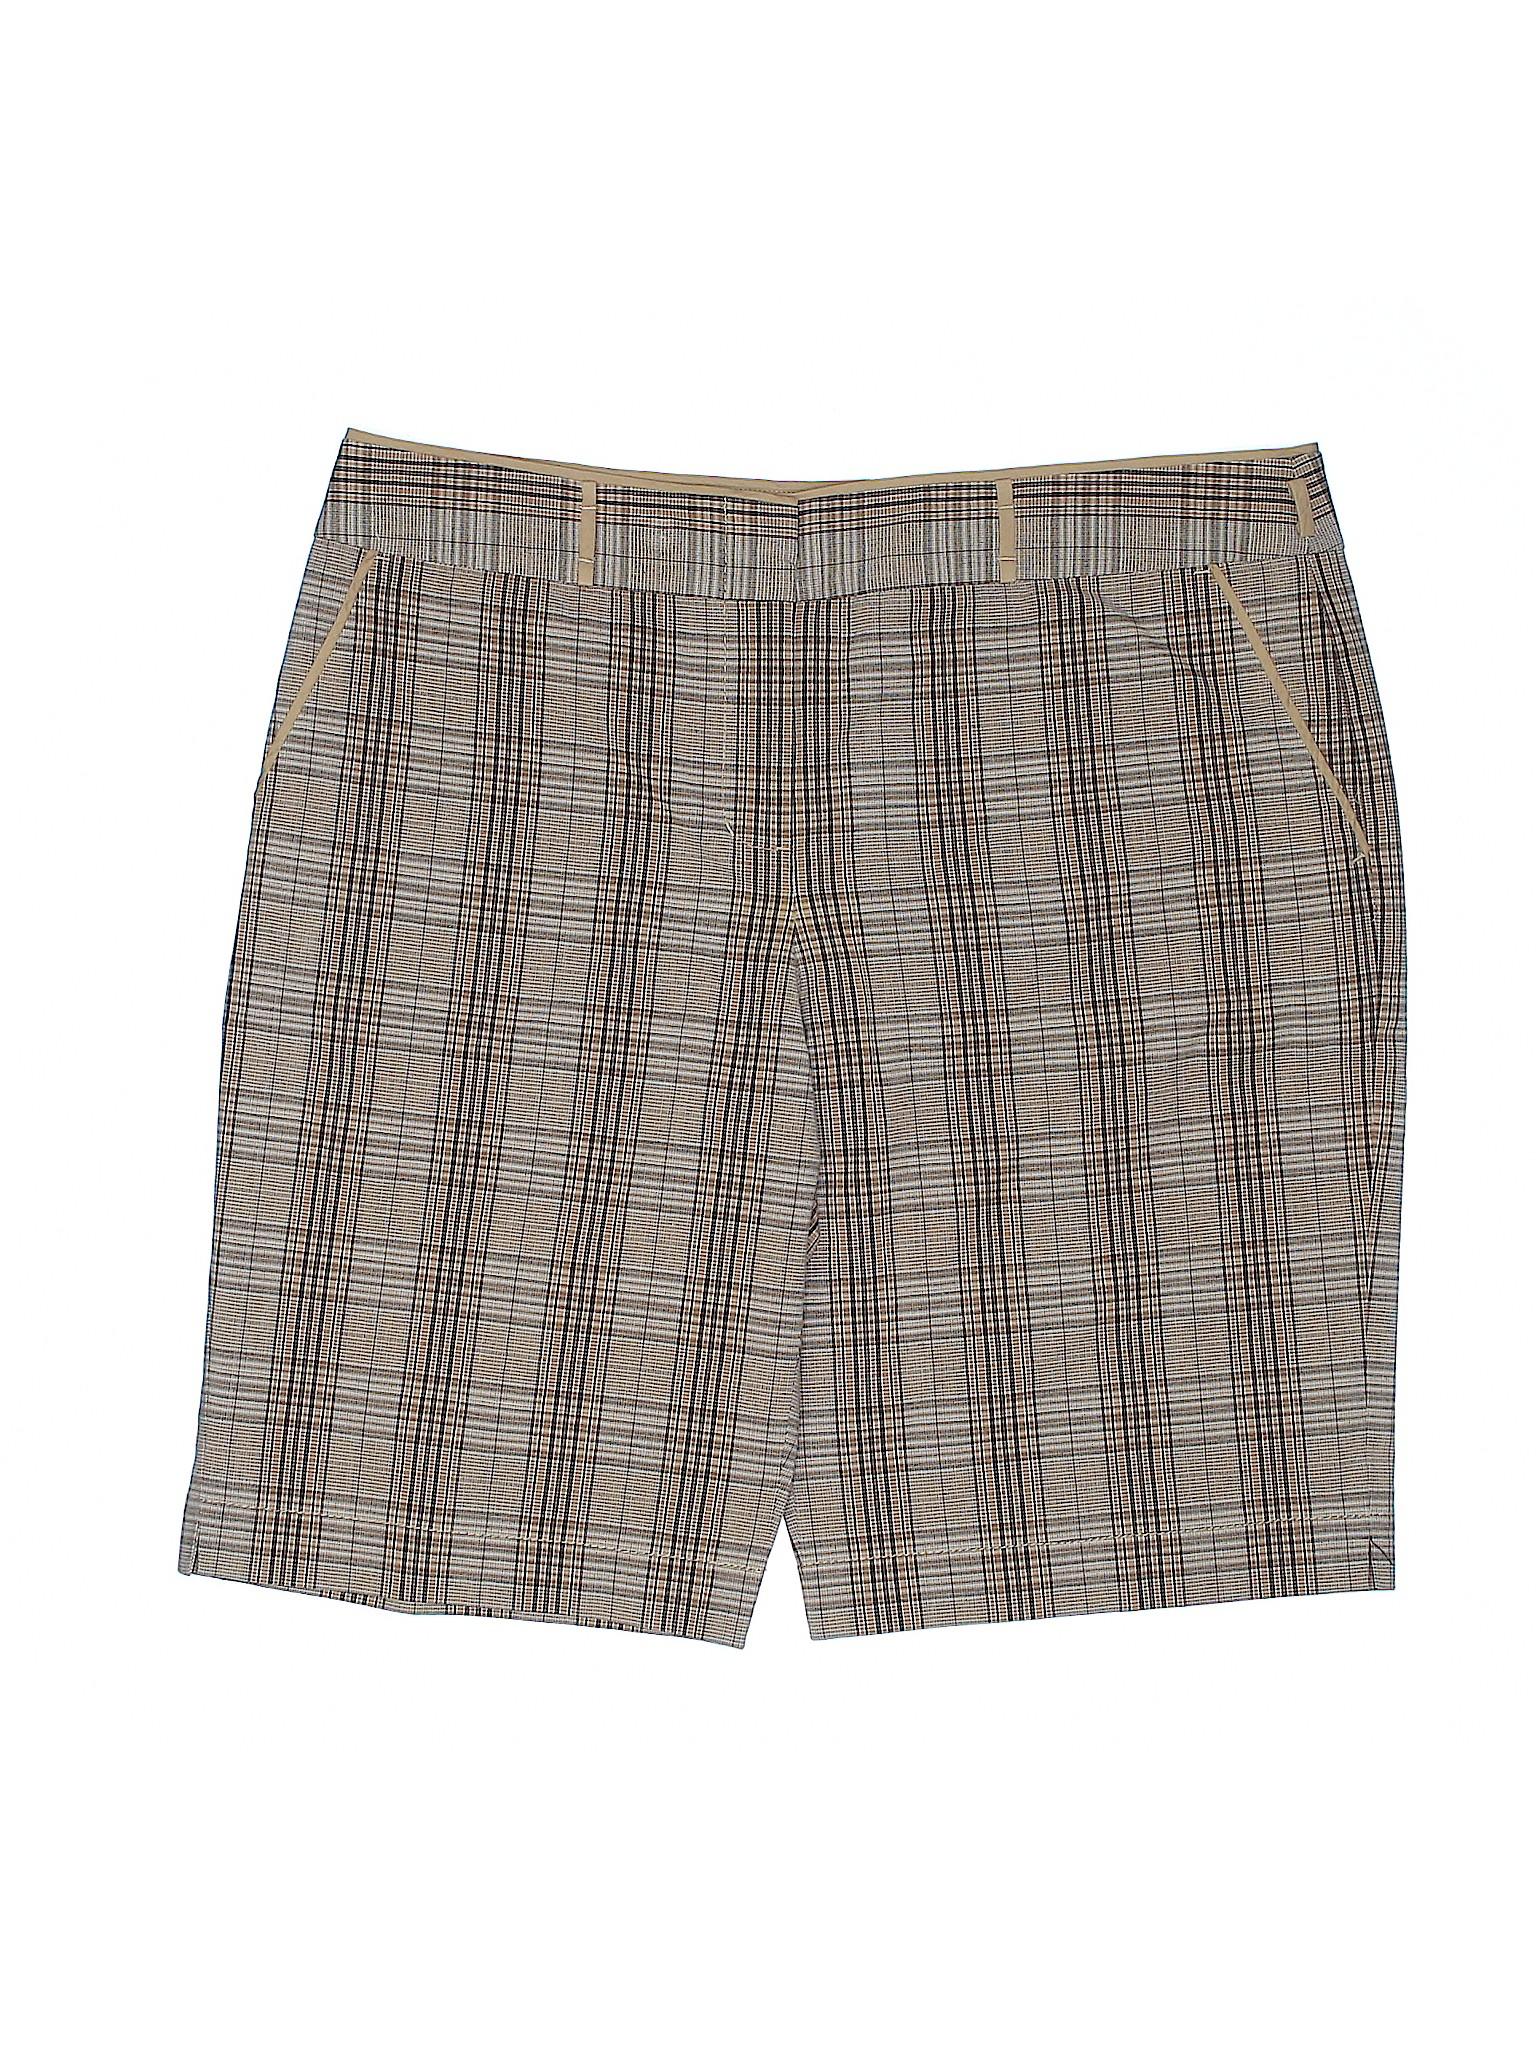 Khaki Boutique Shorts BCBGMAXAZRIA Boutique BCBGMAXAZRIA 8wwxf0q